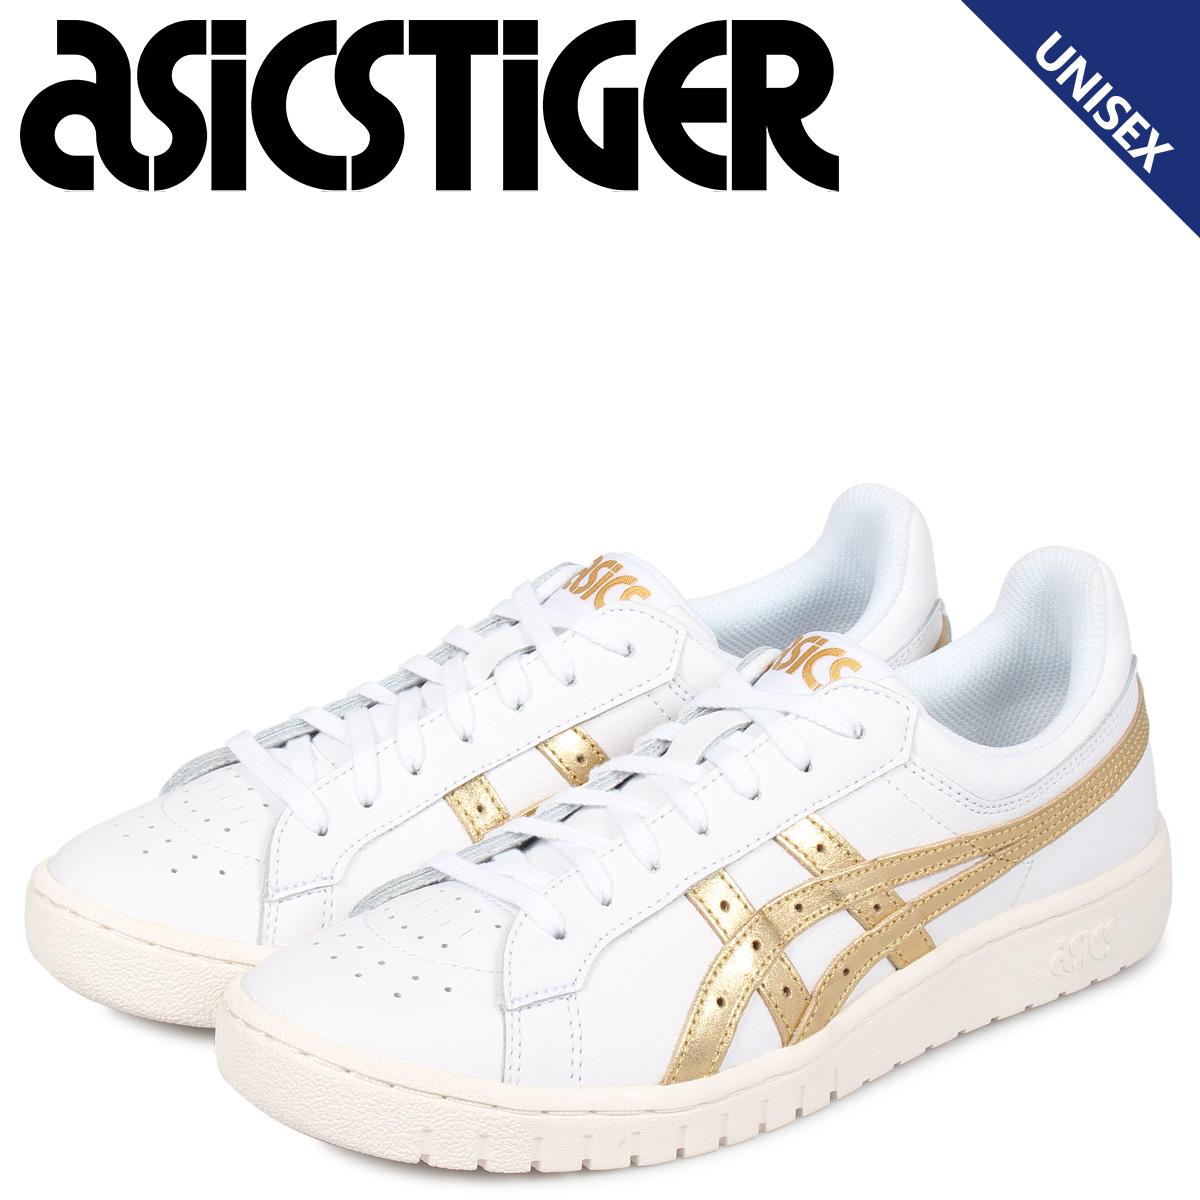 asics Tiger アシックスタイガー ゲル PTG スニーカー メンズ レディース GEL ポイントゲッター ホワイト 白 1191A280-100